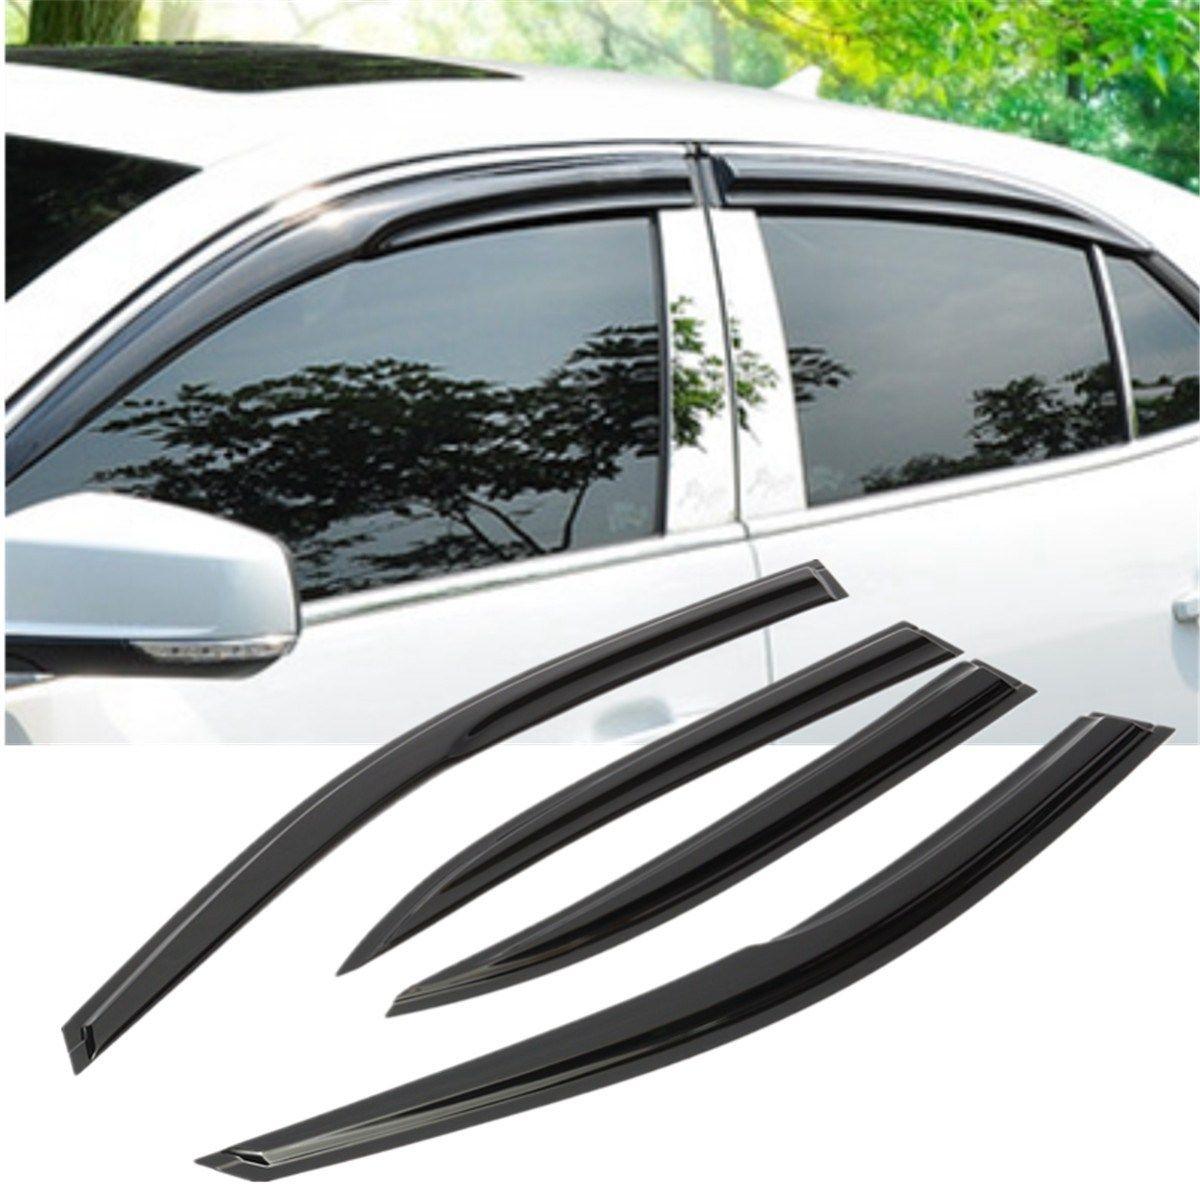 How to Repair a Droopy Sun Visor in a Car | It Still Runs